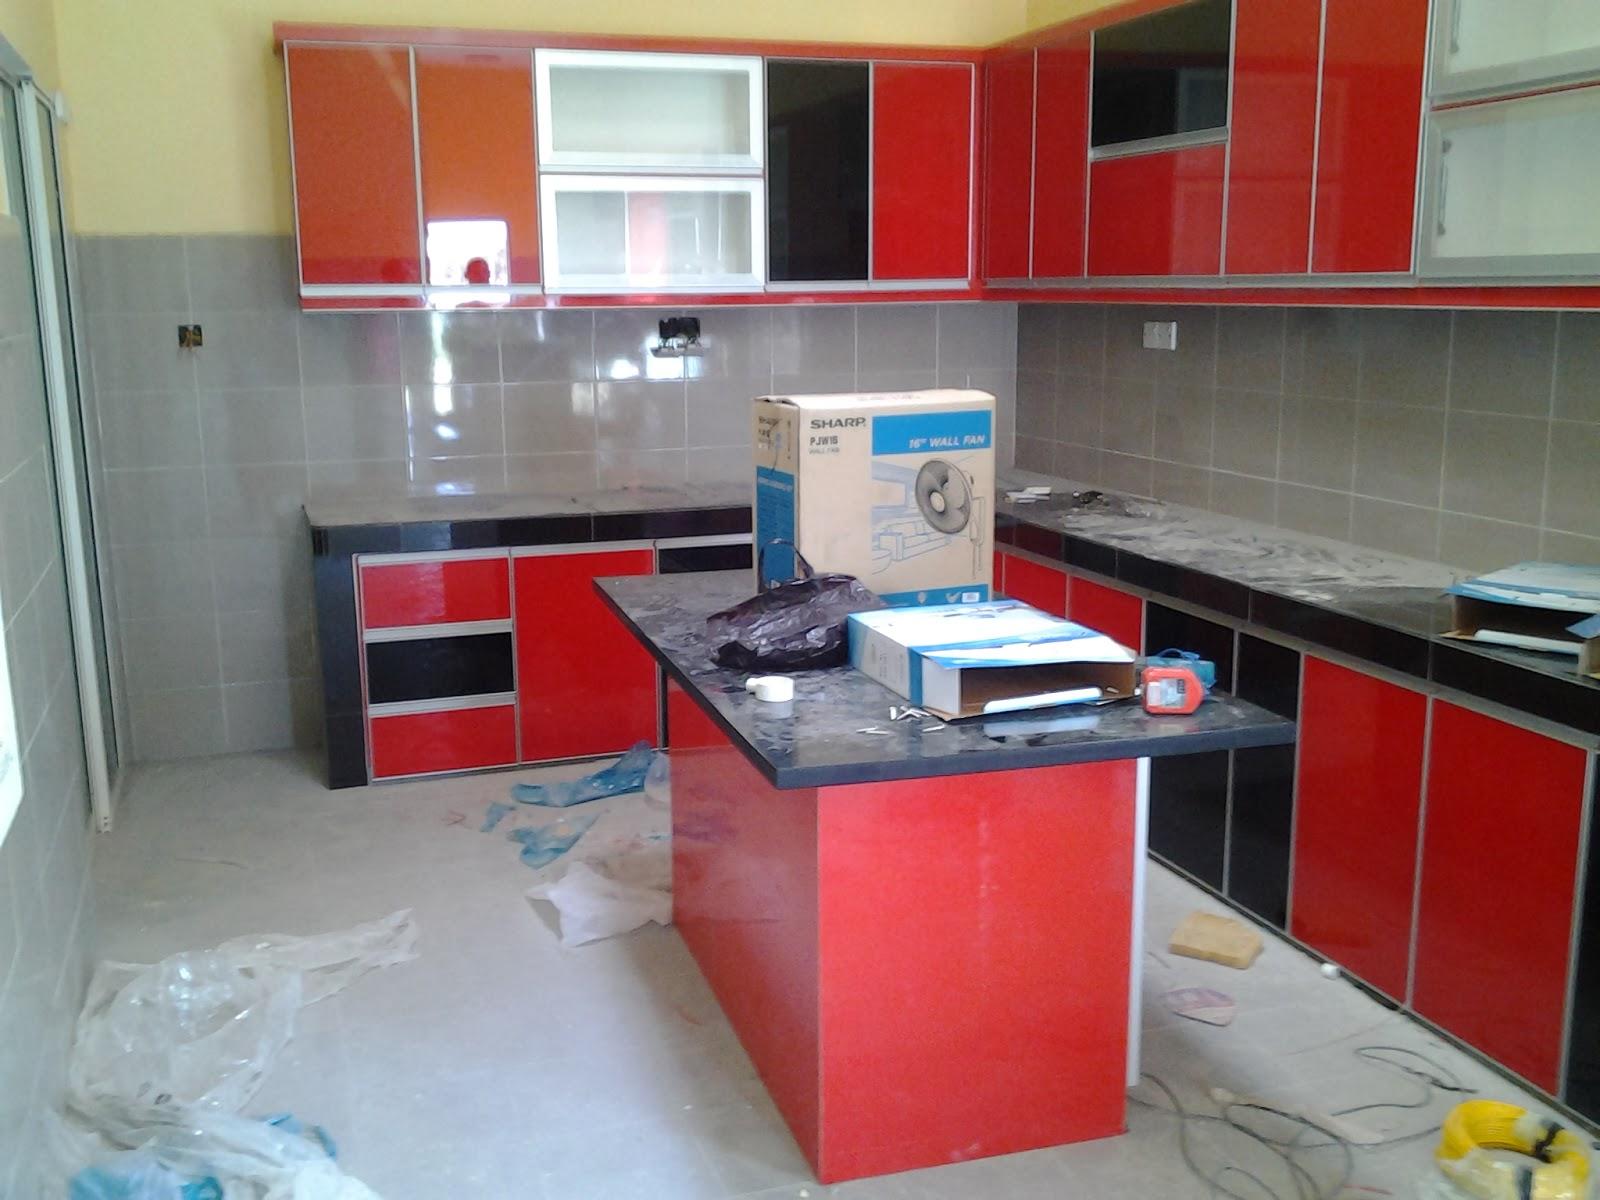 Kitchen Island Untuk Kabinet Dapur Sepanjang 30 Kaki Ini